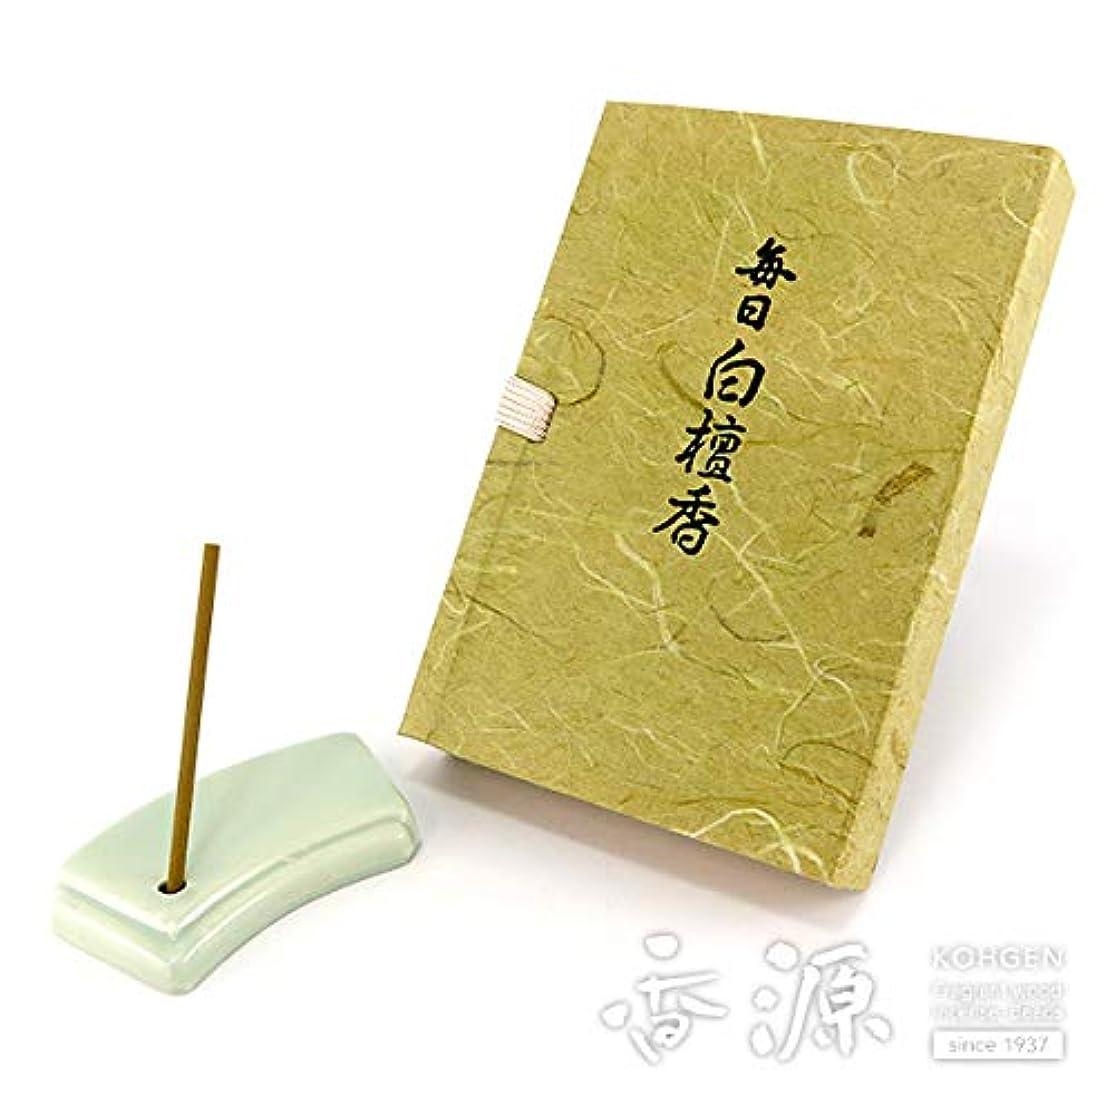 正当なセージ例外日本香堂のお香 毎日白檀香 スティックミニ寸文庫型60本入り